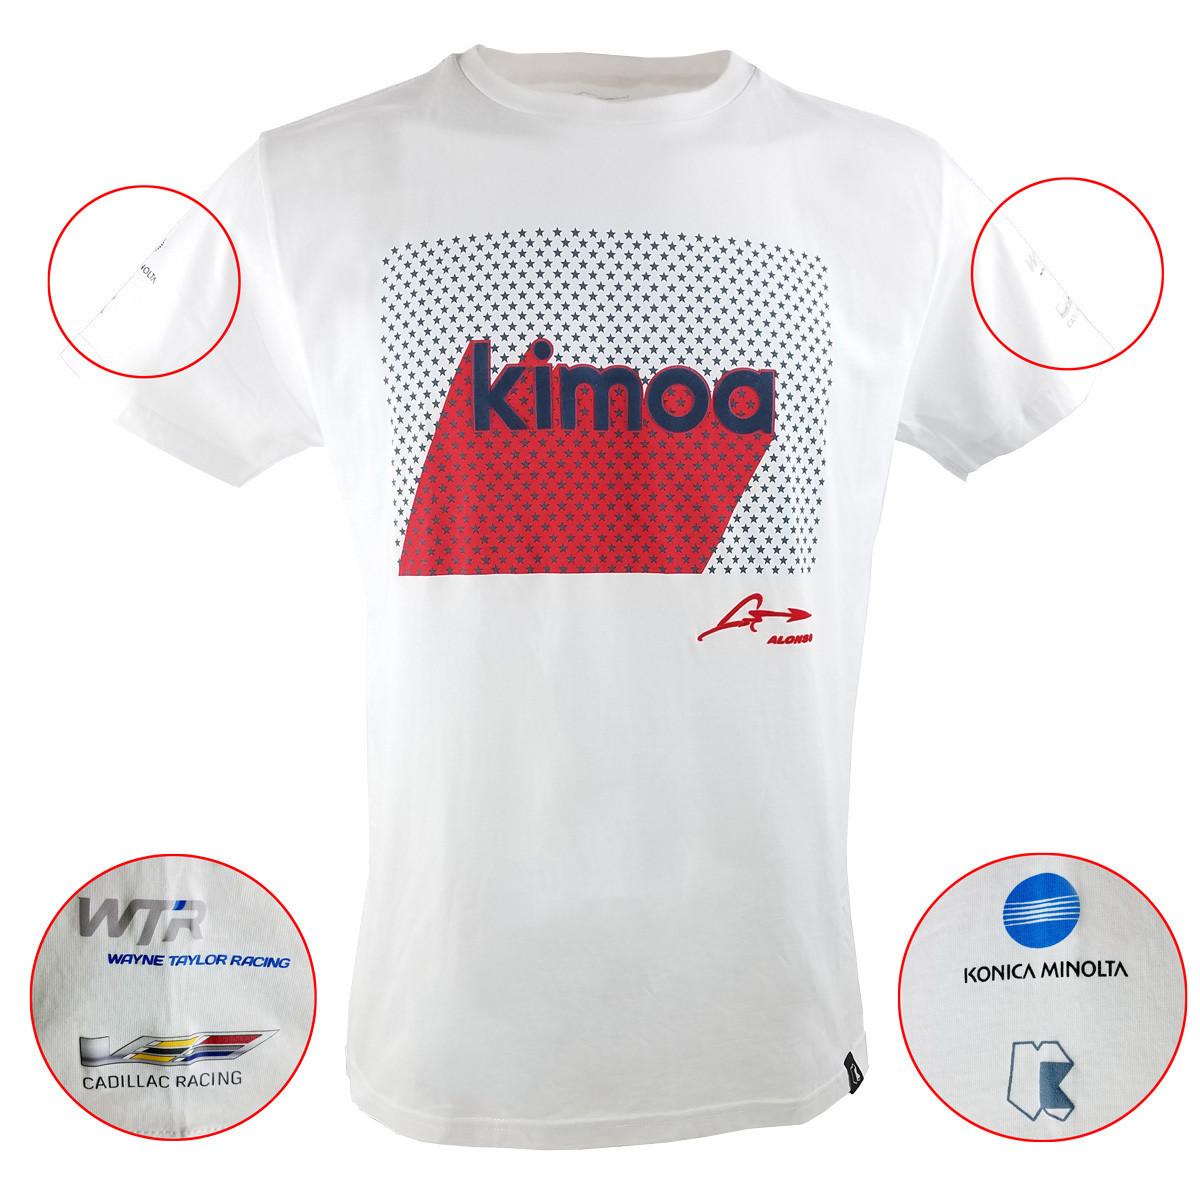 Kimoa White Daytona Tee